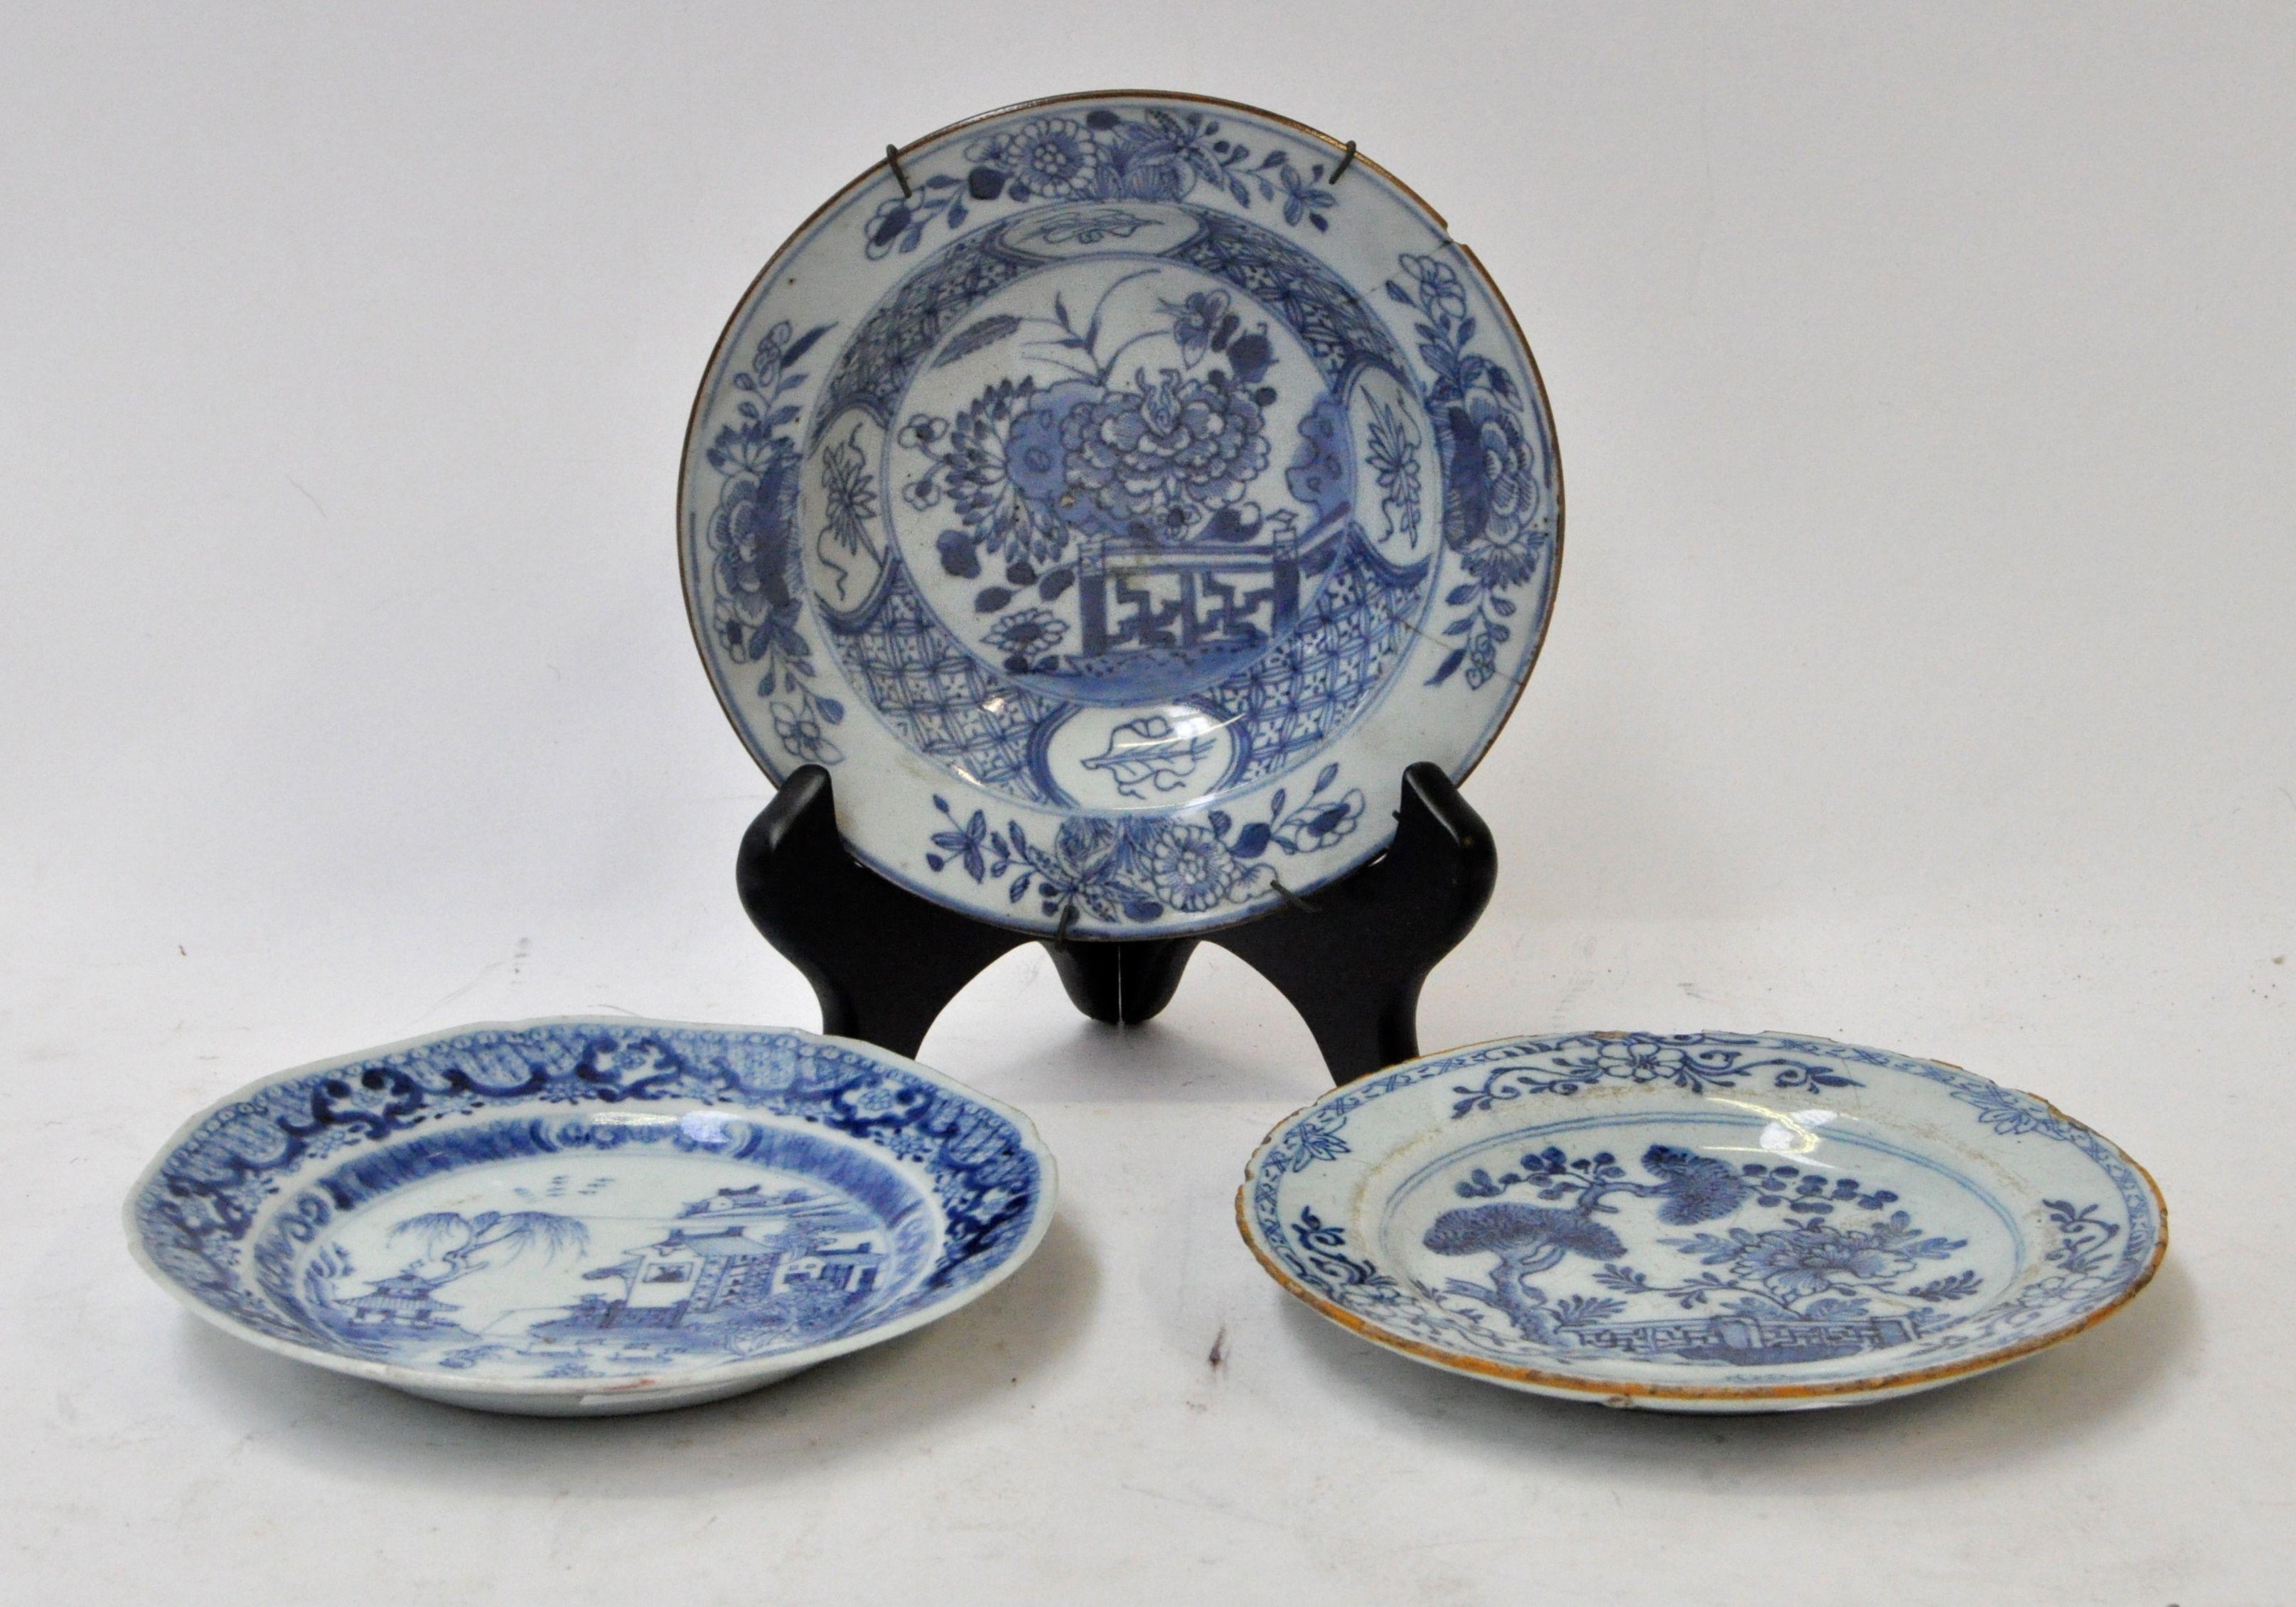 van blauw en wit Chinees porselein en één van Delfts aardewerk ...: jordaens.eu/lot/een-plat-en-een-diep-bordje-van-blauw-en-wit...